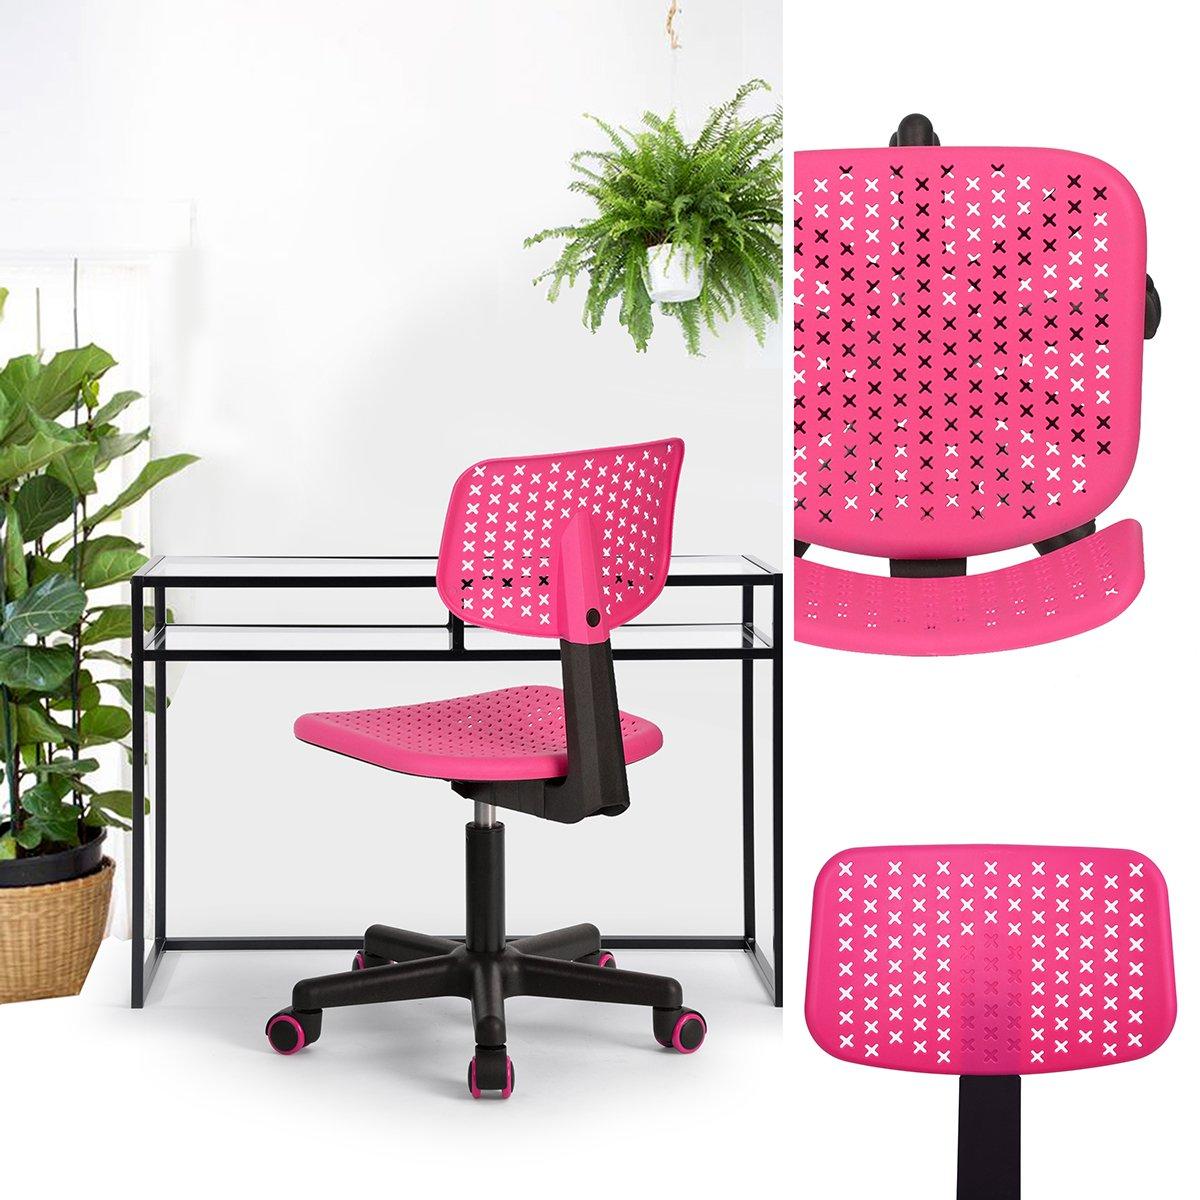 FurnitureR Kids Low-Back Adjustable Computer Seat Office Desk Task Swivel Armless Children Study Chair, Pink by FurnitureR